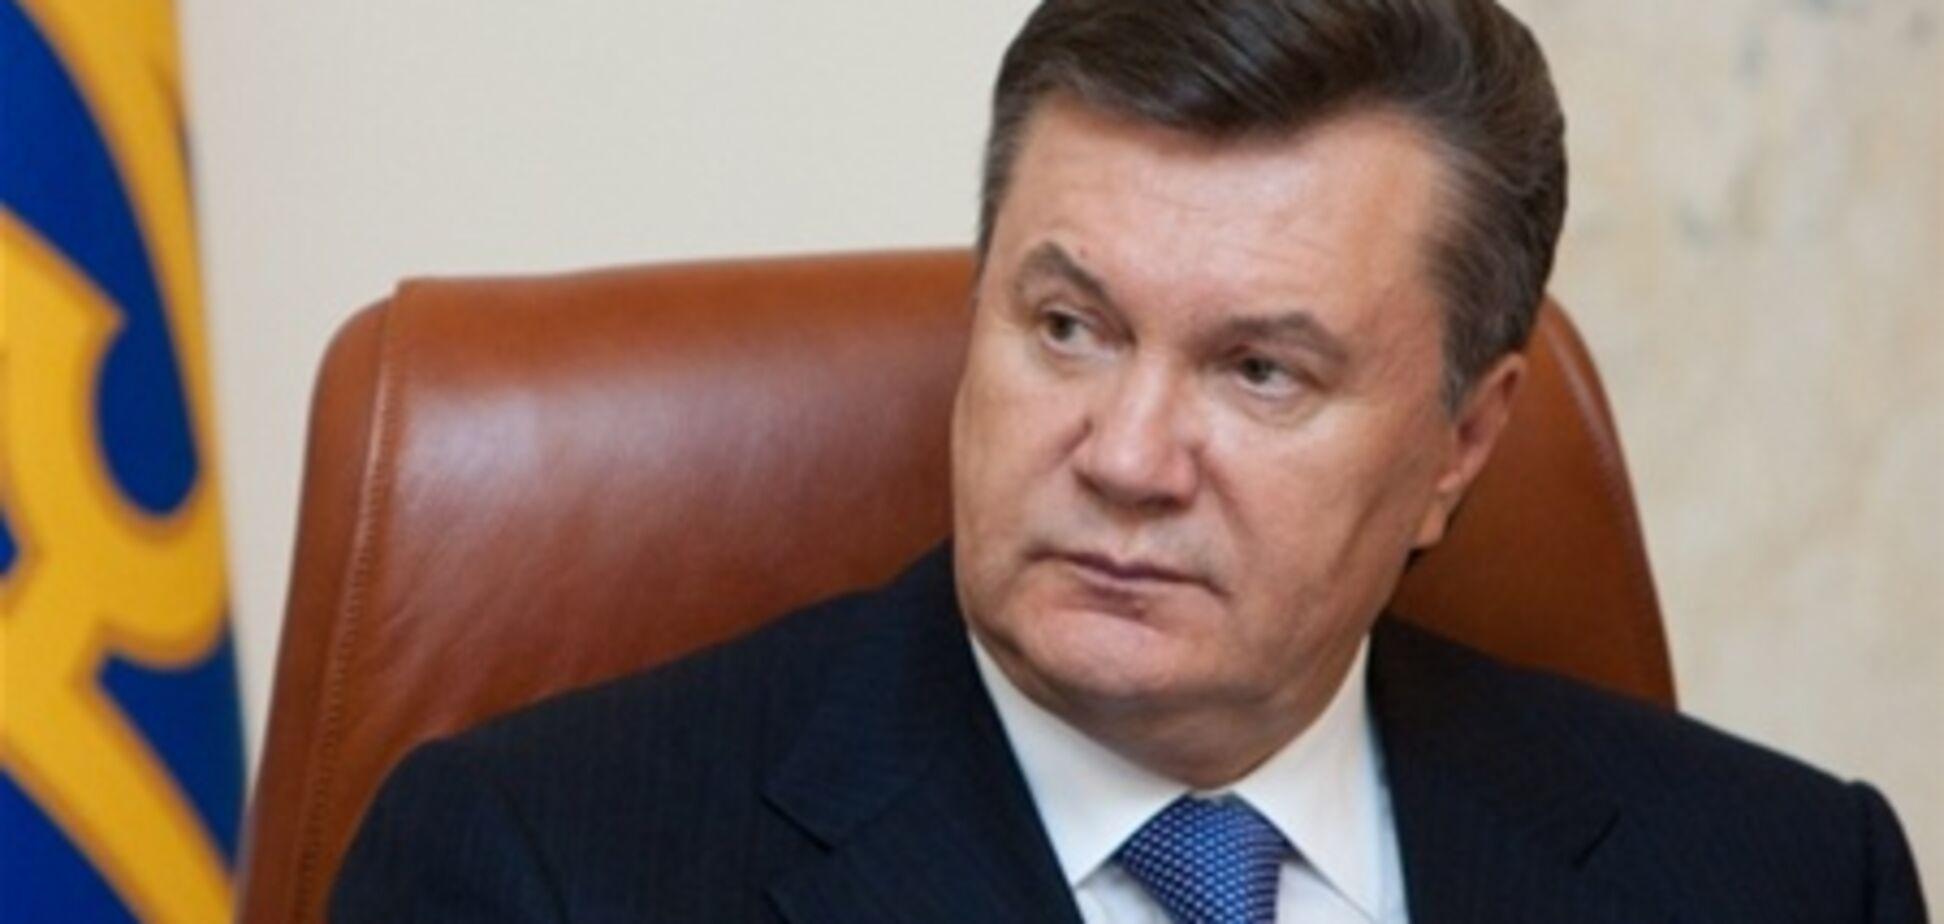 Янукович чекає від Азарова пояснень щодо 'повільних реформ'